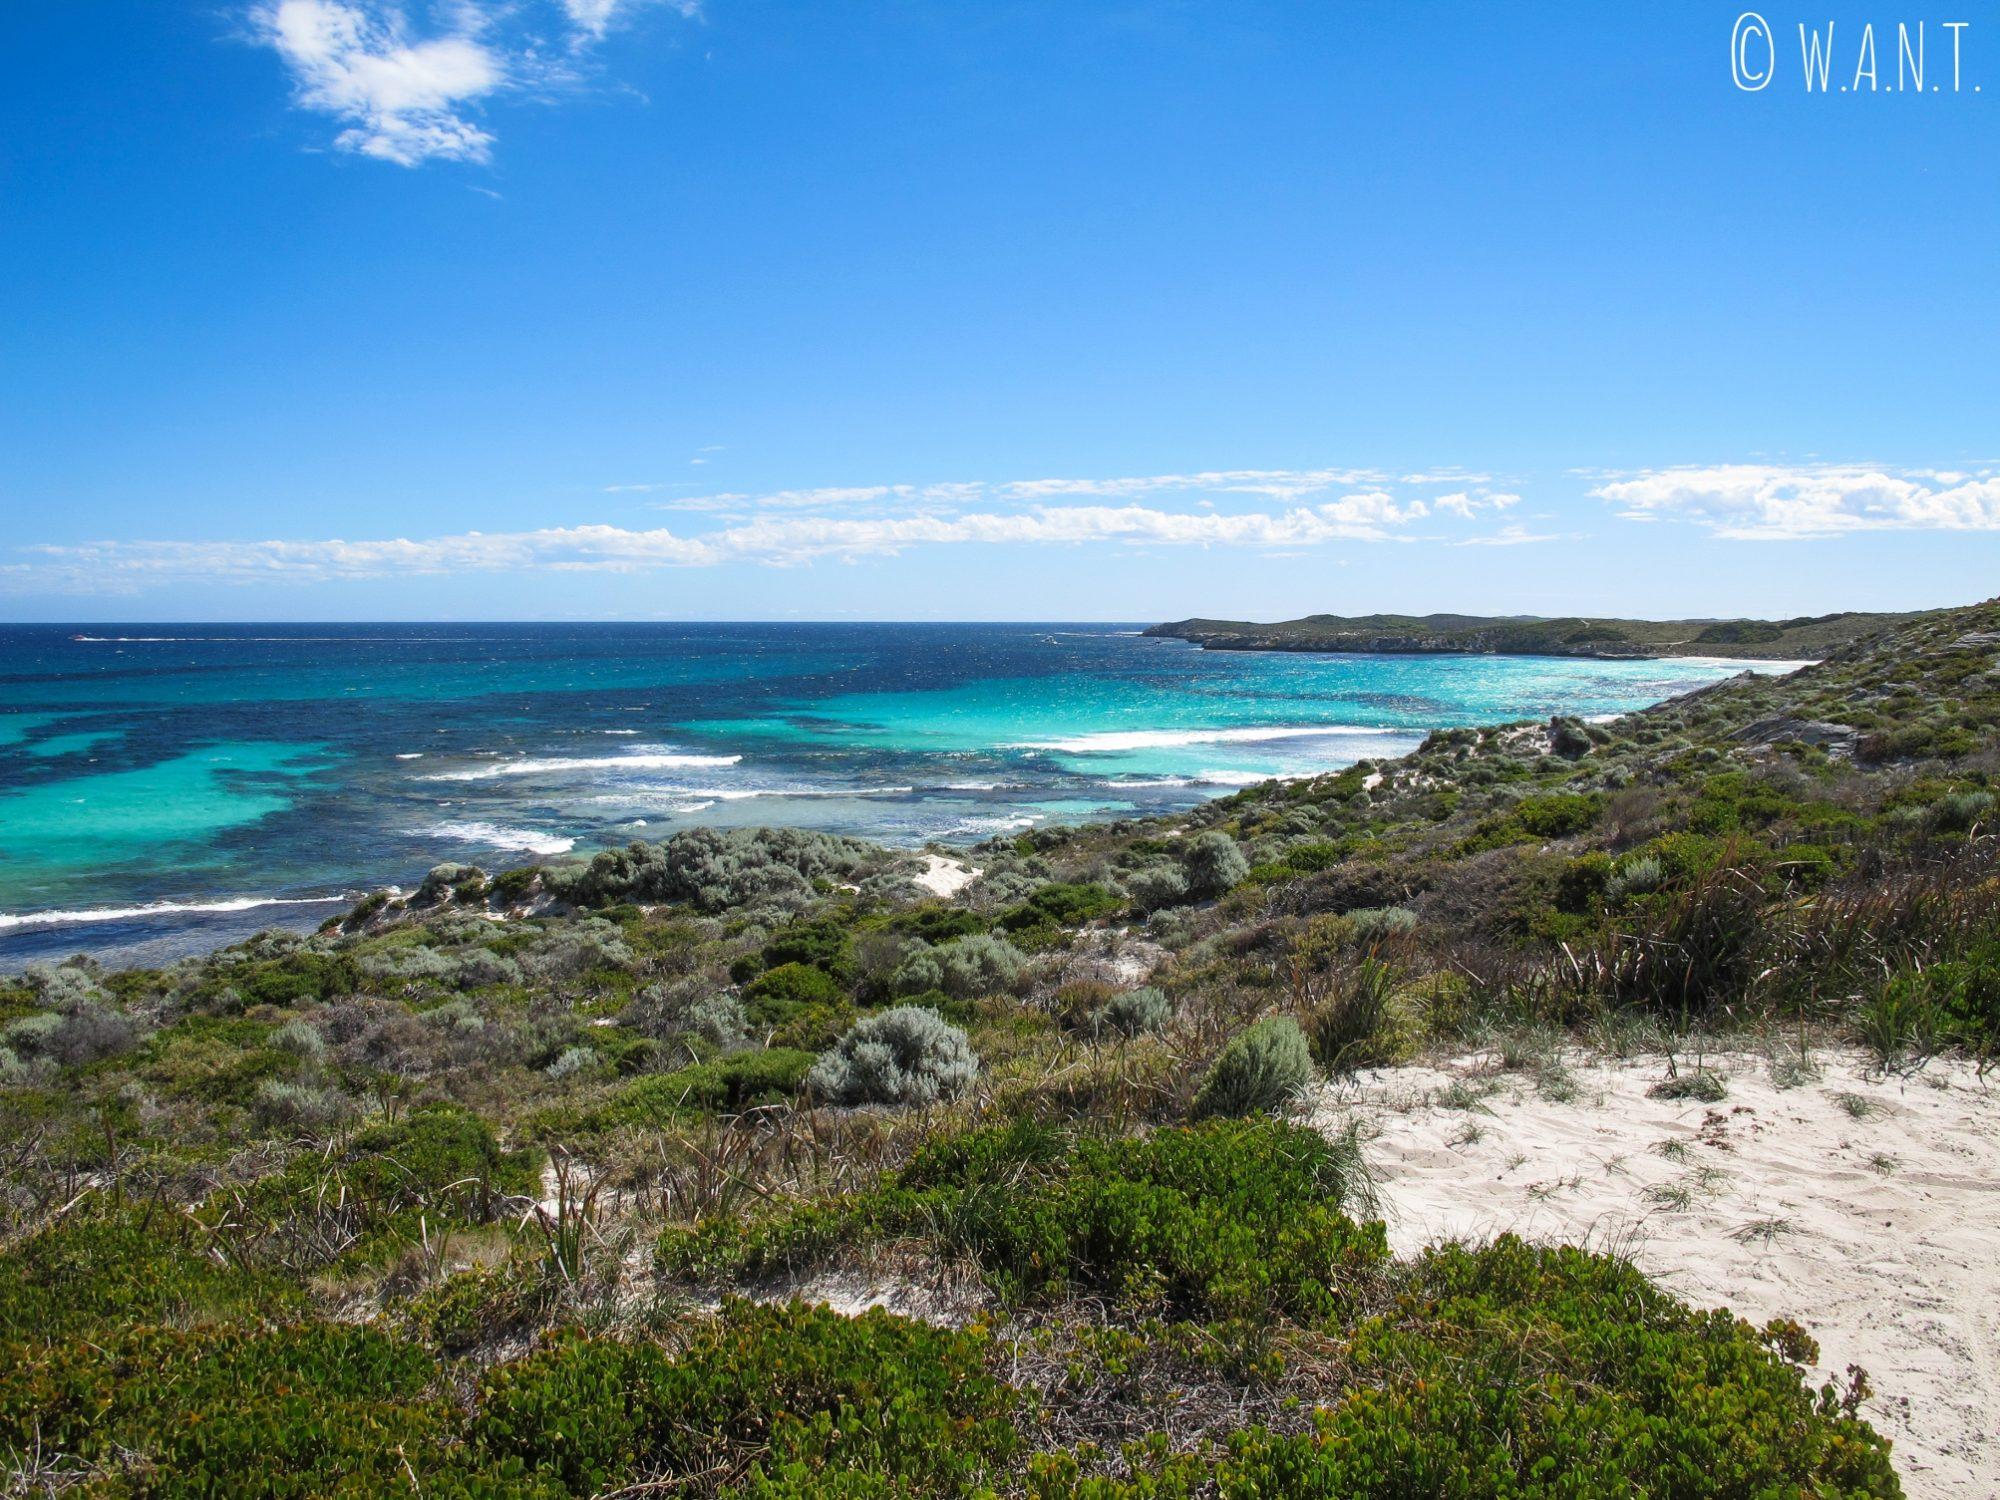 Plage et océan sur Rottnest Island